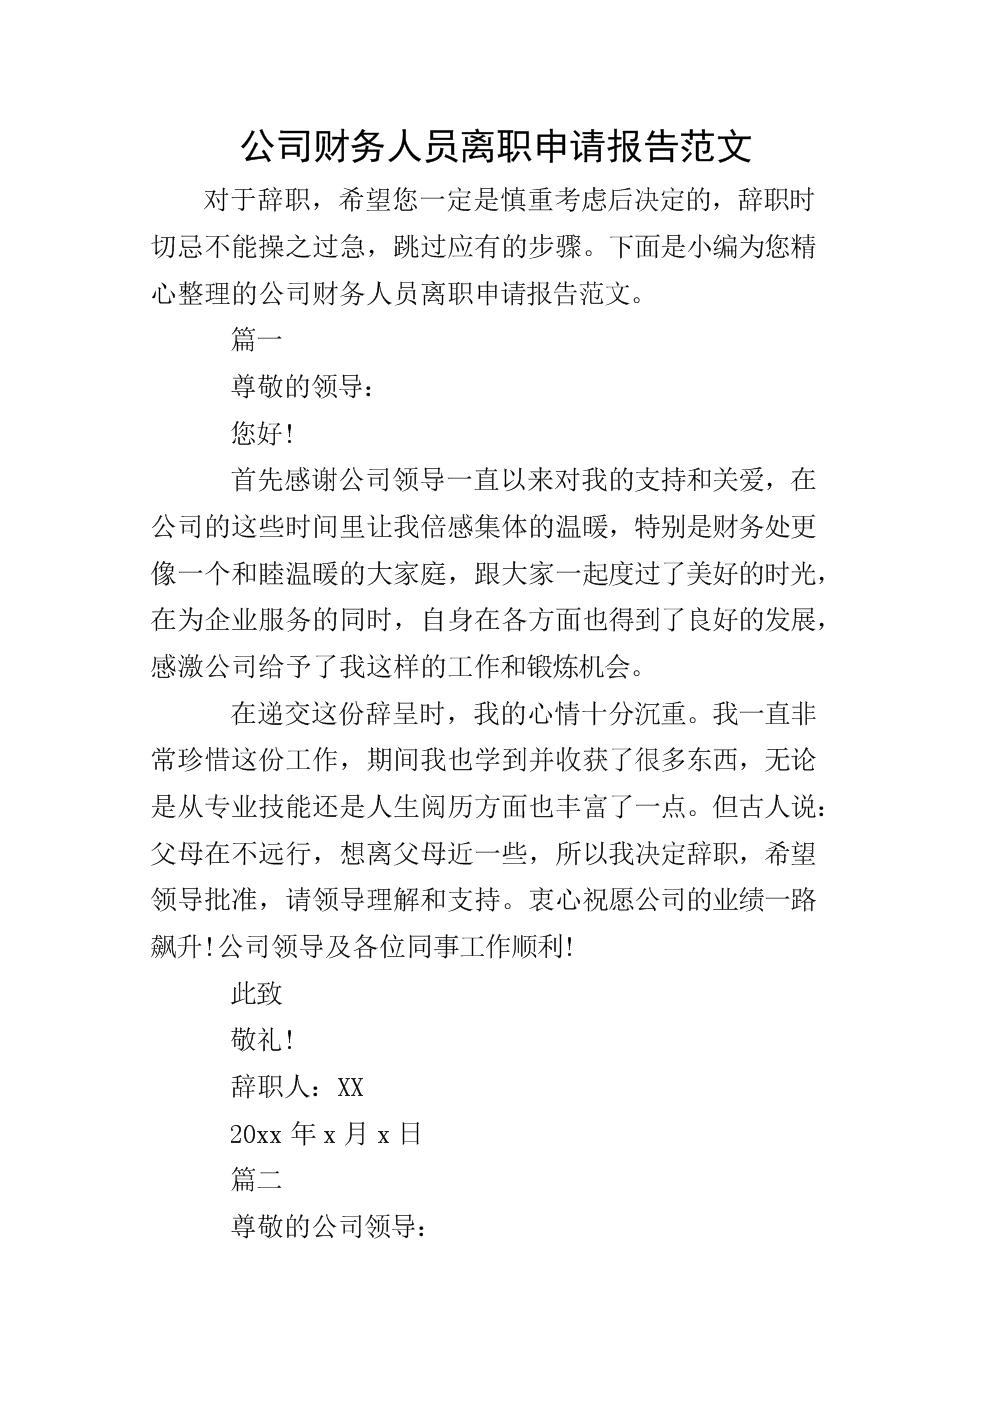 公司财务人员离职申请报告范文.doc